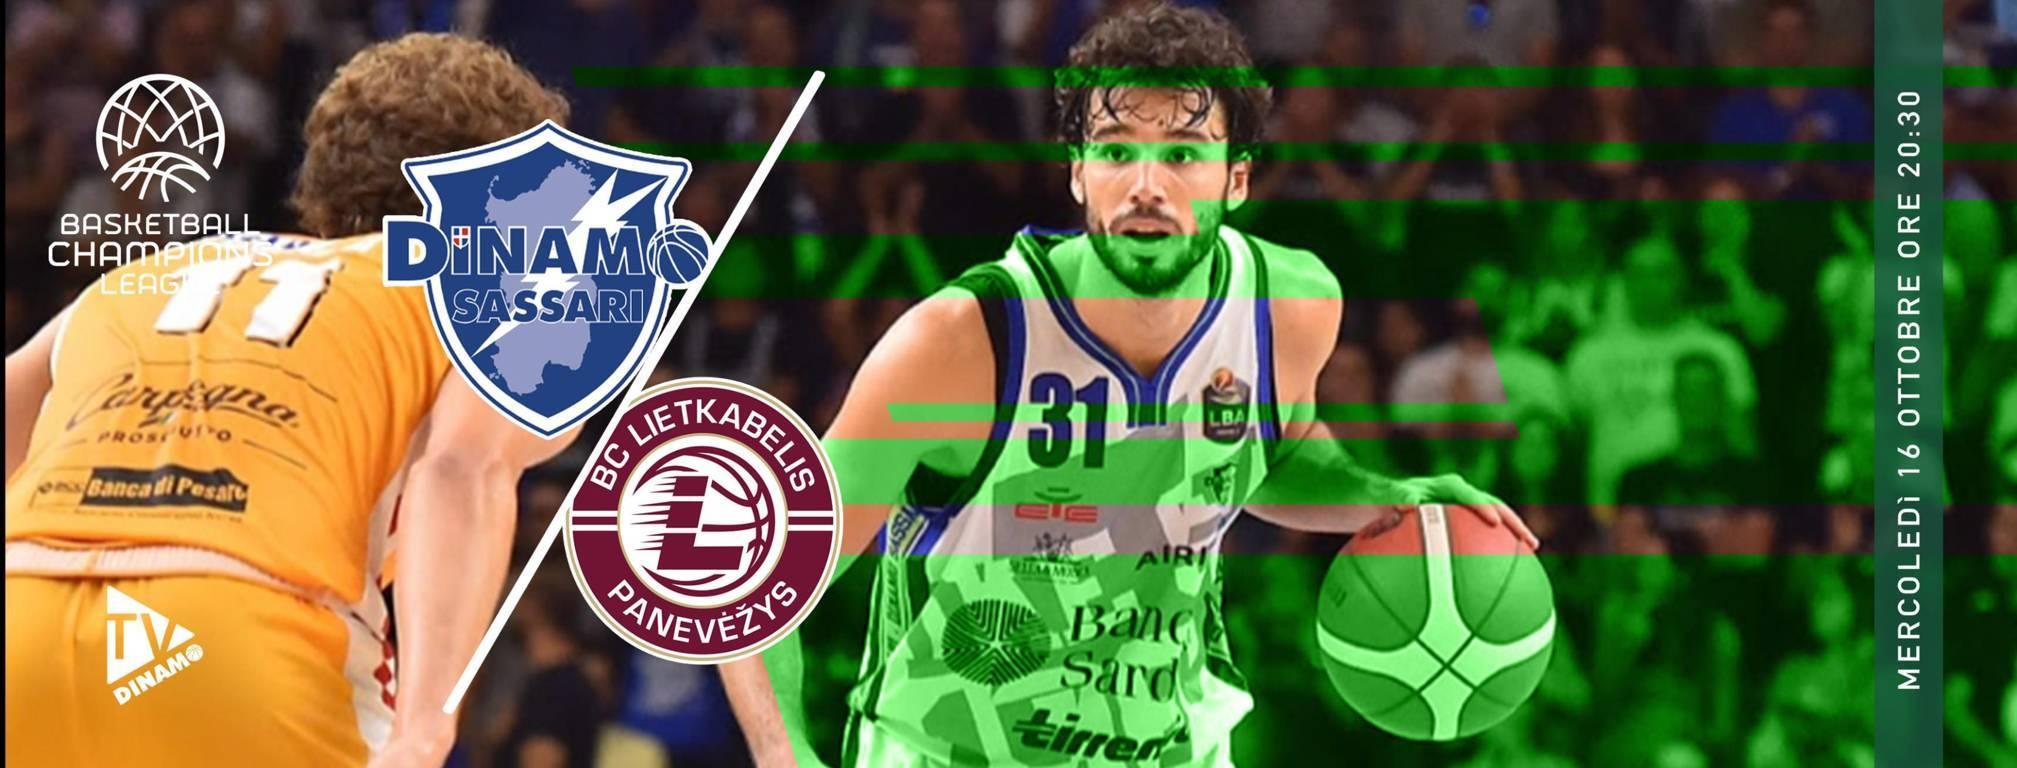 FIBA Basketball Champions League #Round1 2019-20: la Dinamo Sassari debutta in casa vs il BC Lietkabelis